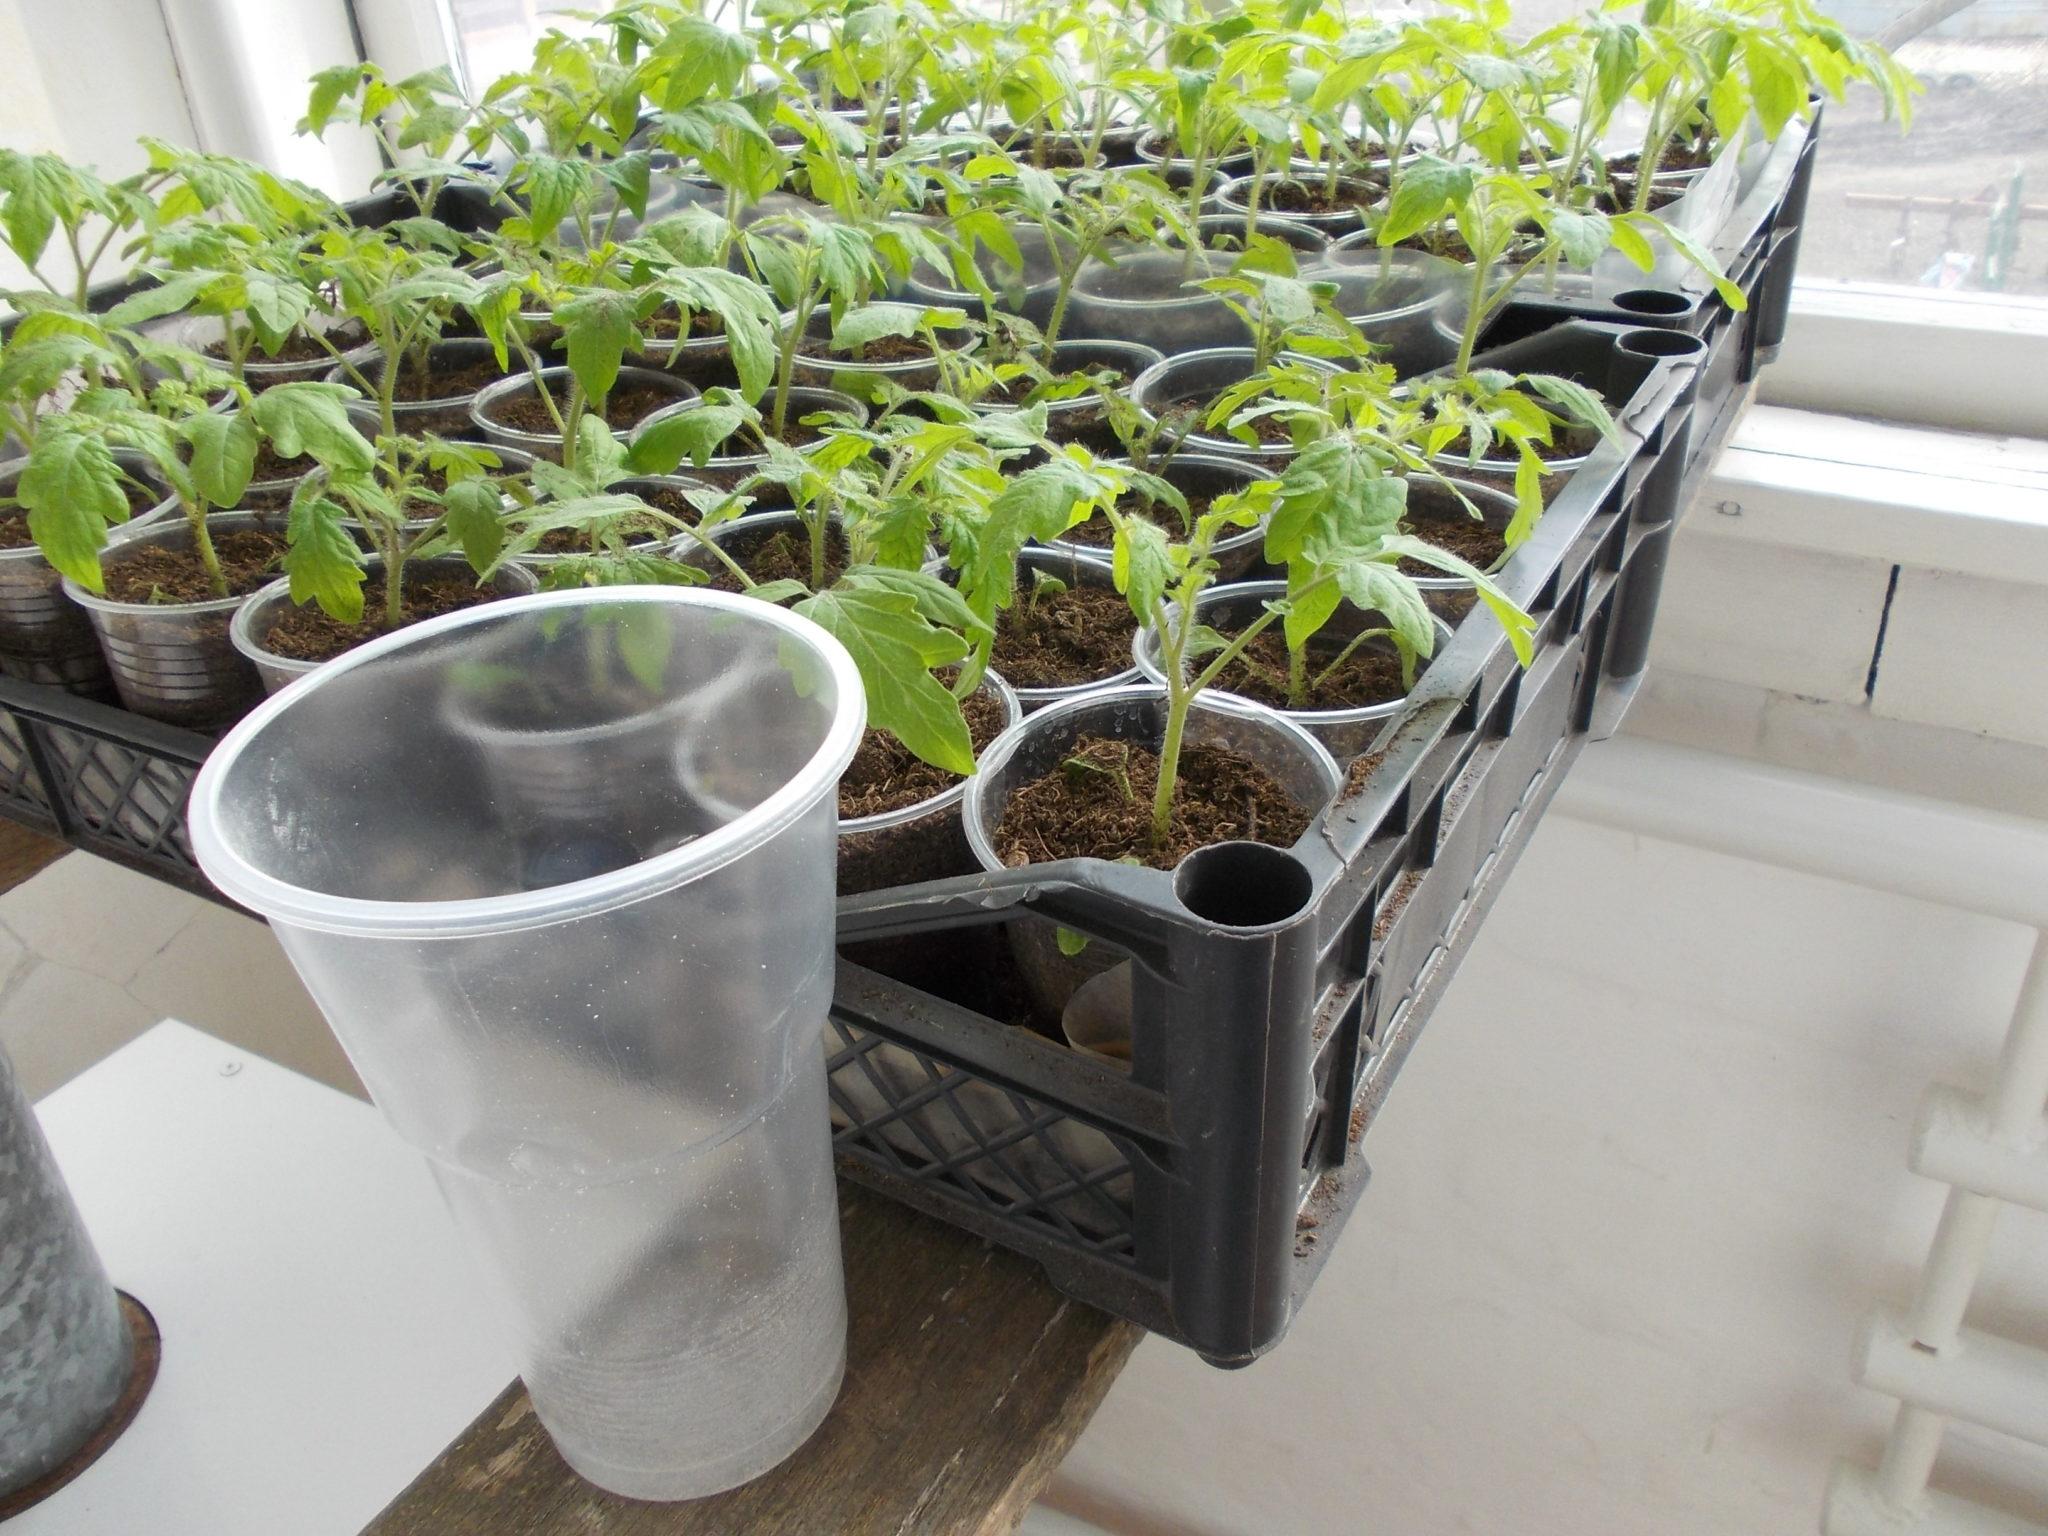 Пикировка томатов: технология и необходимость процедуры